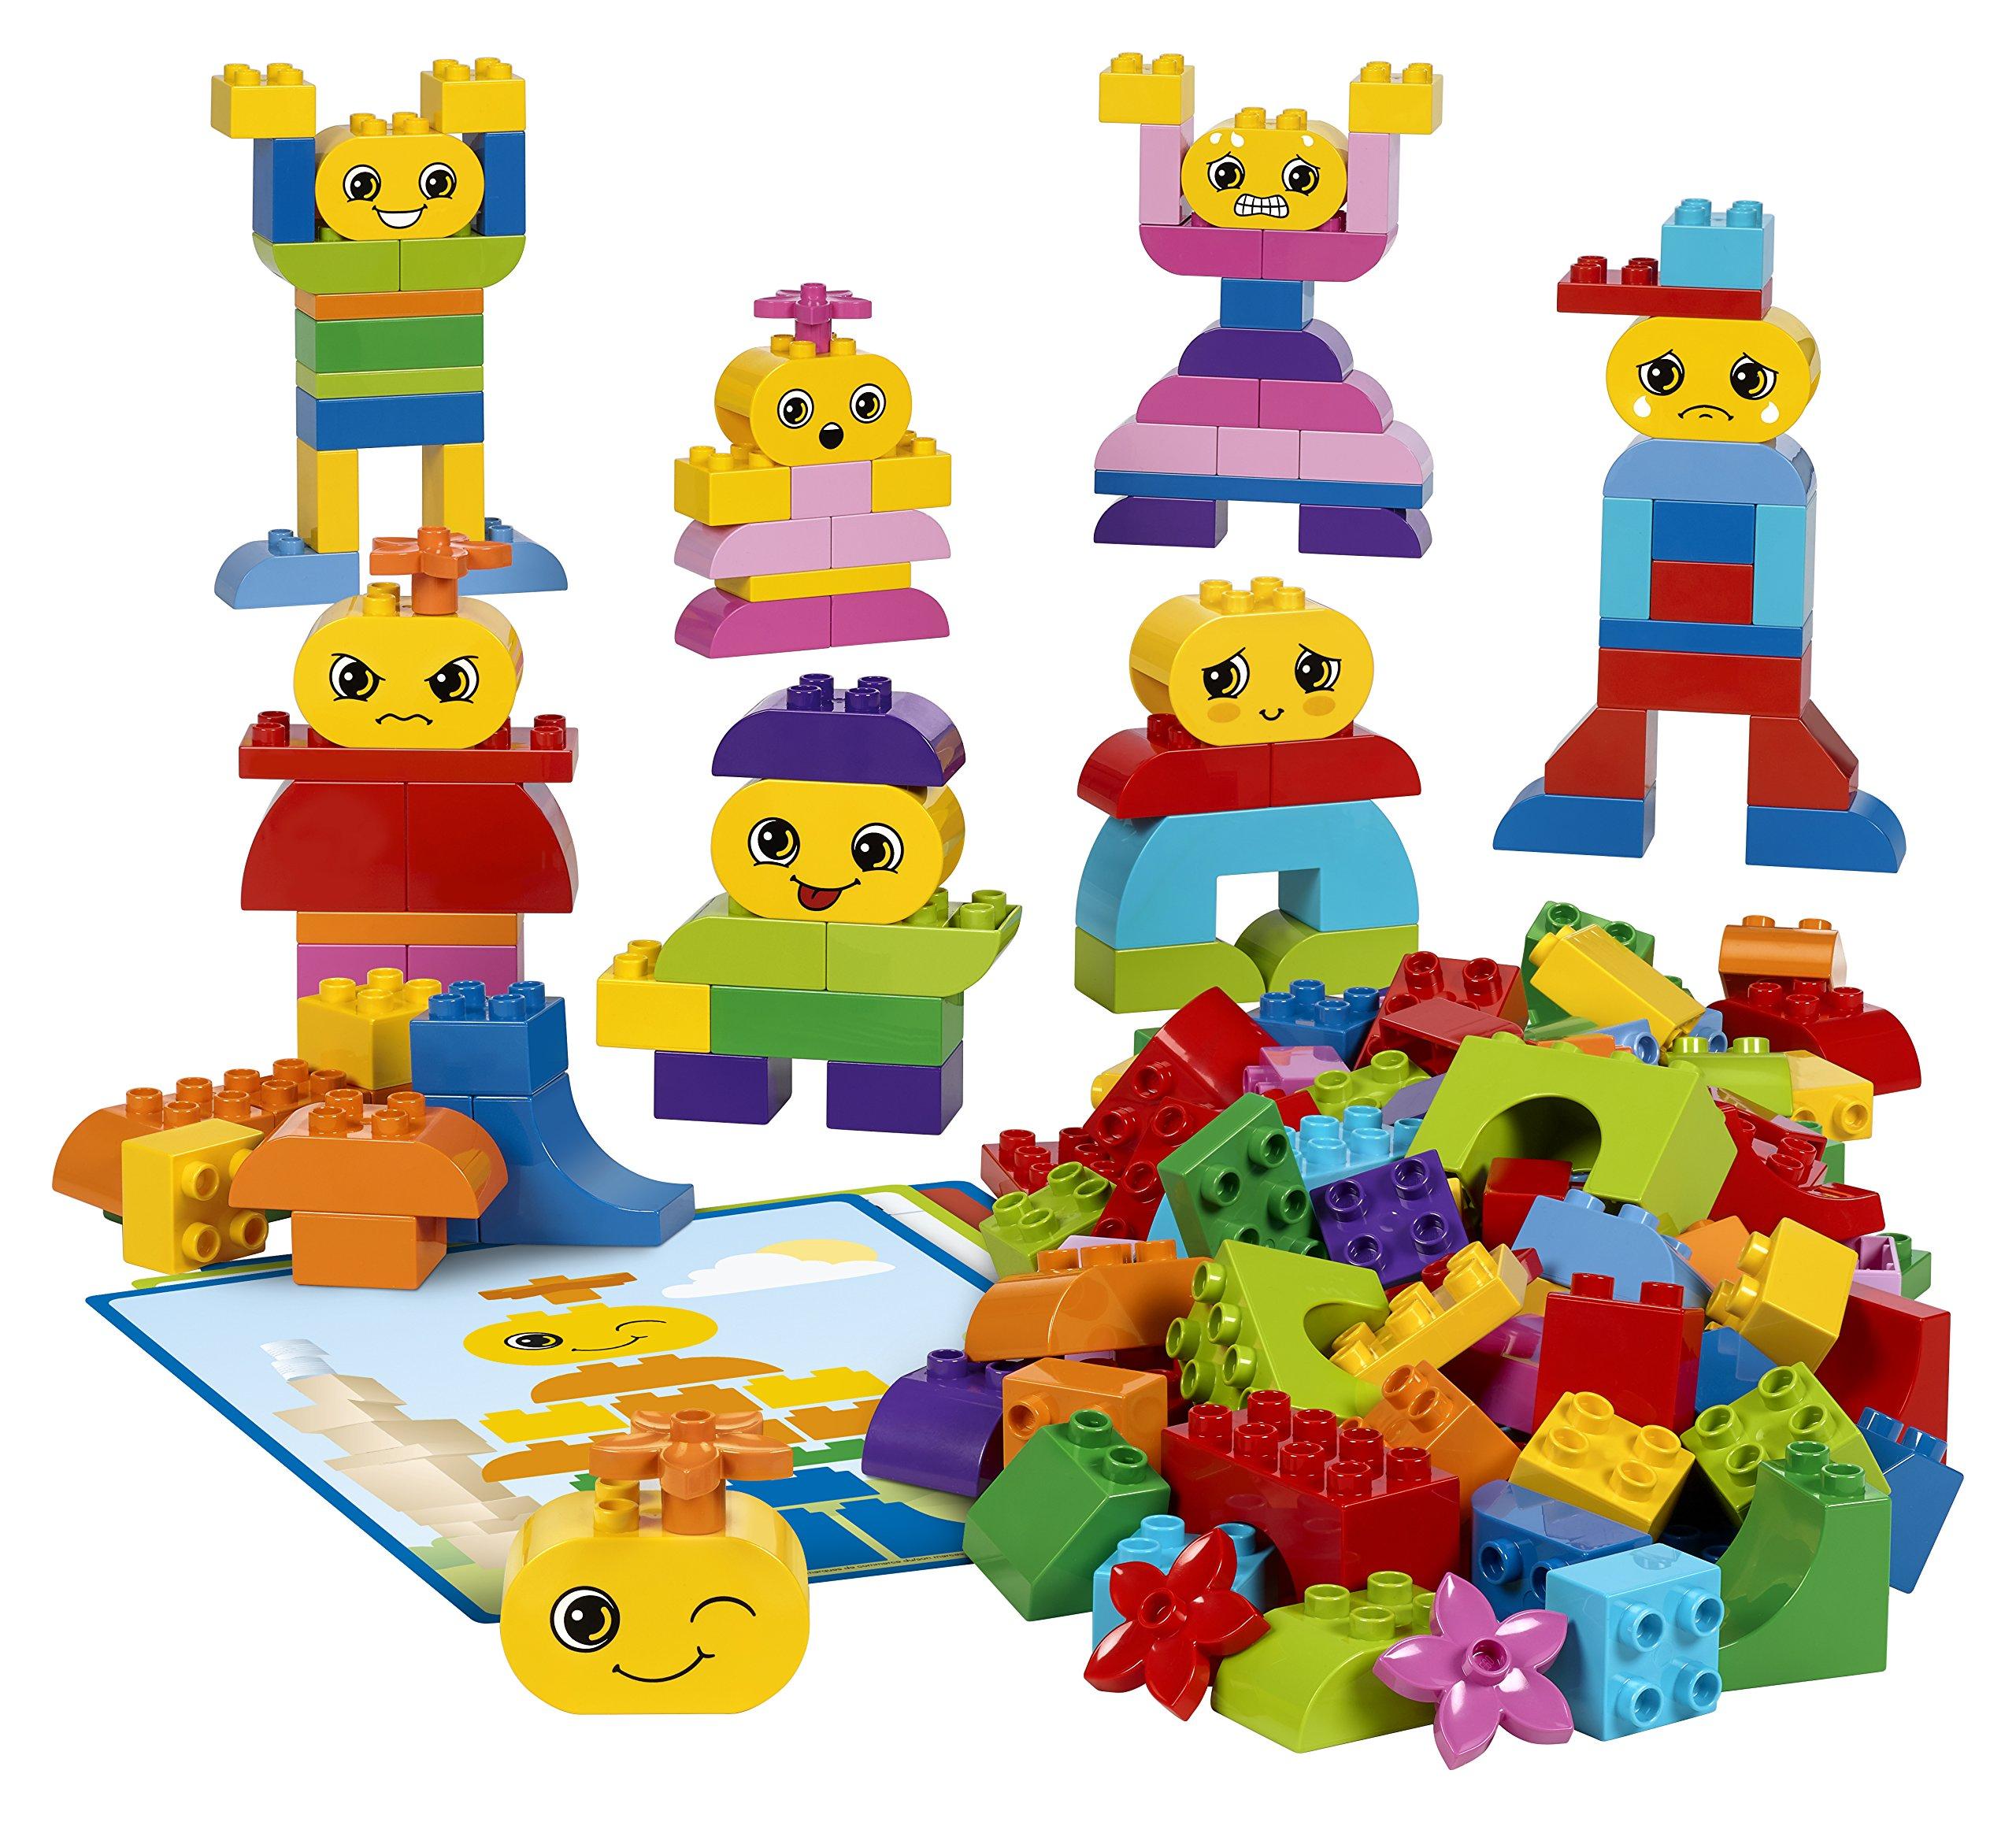 """Bộ Lego """"Emotions"""" cho bé 3 tuổi"""